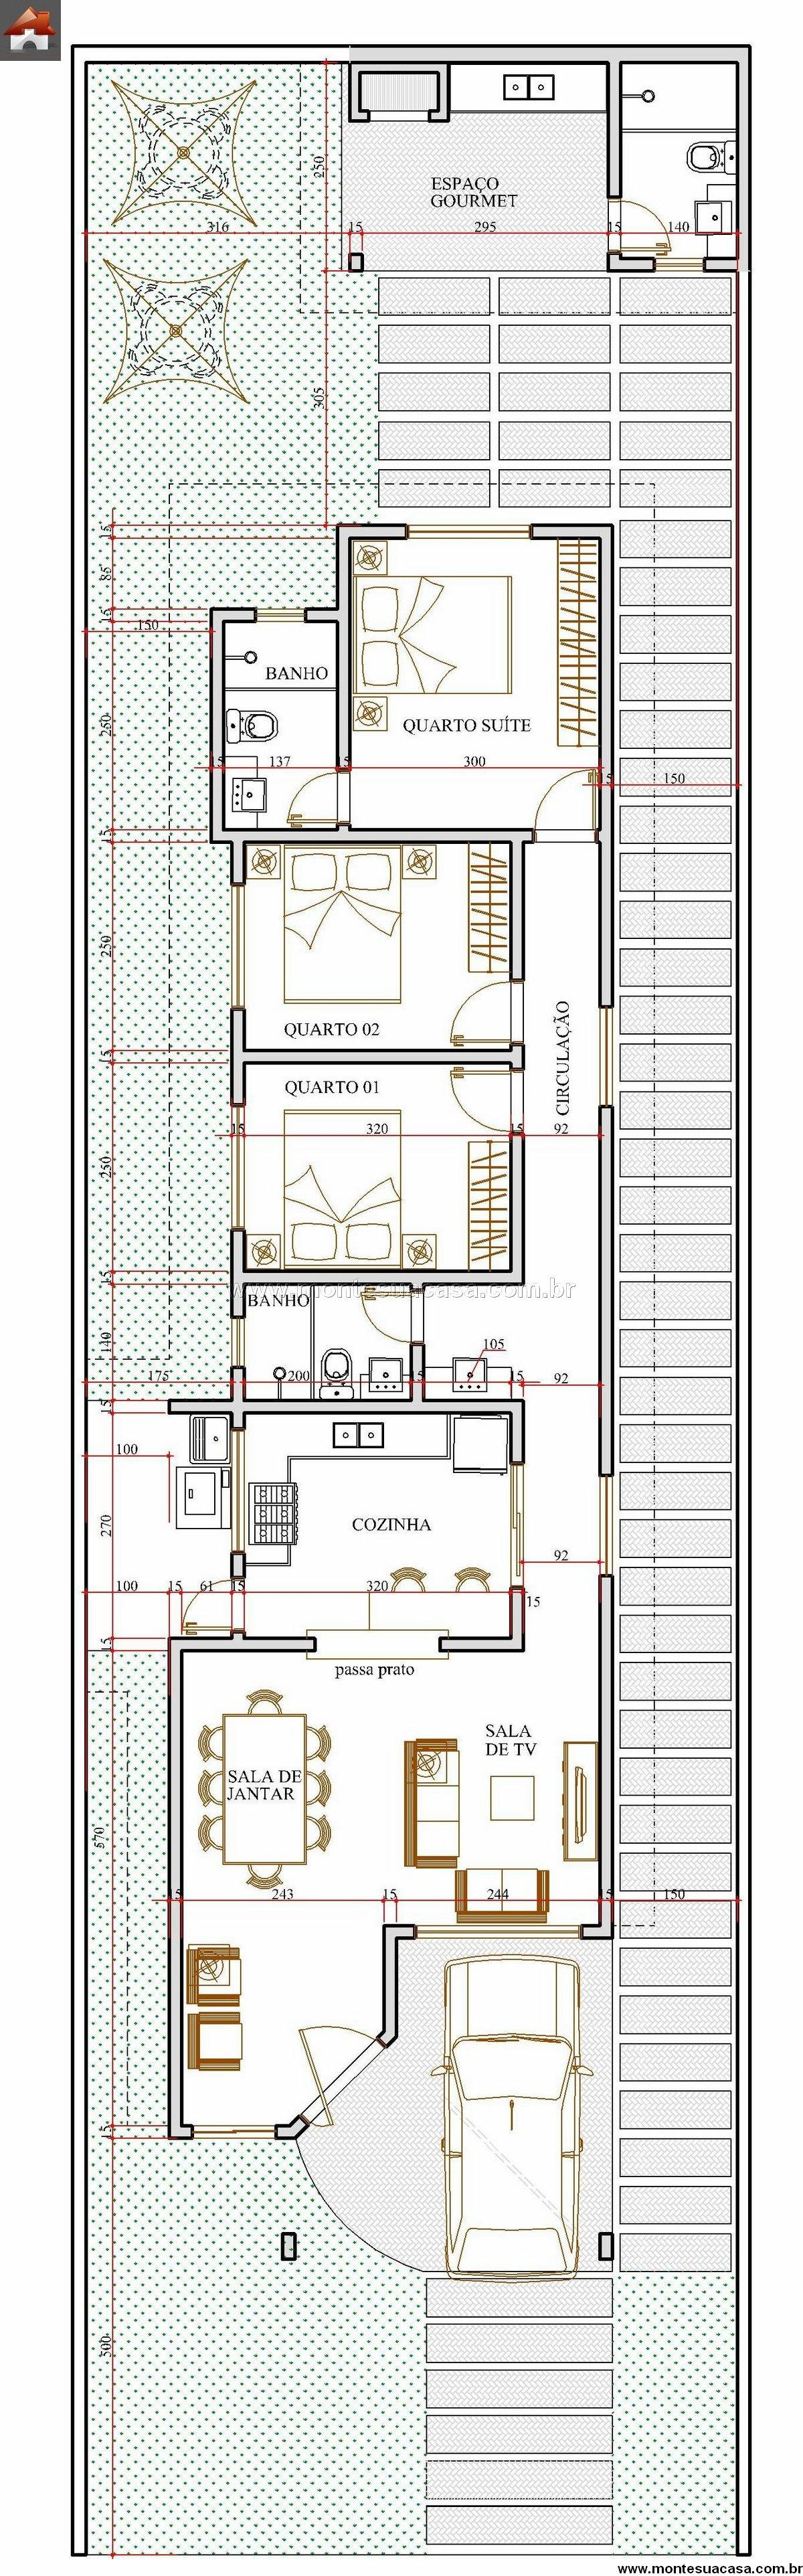 Condomínio  –  103.18m²